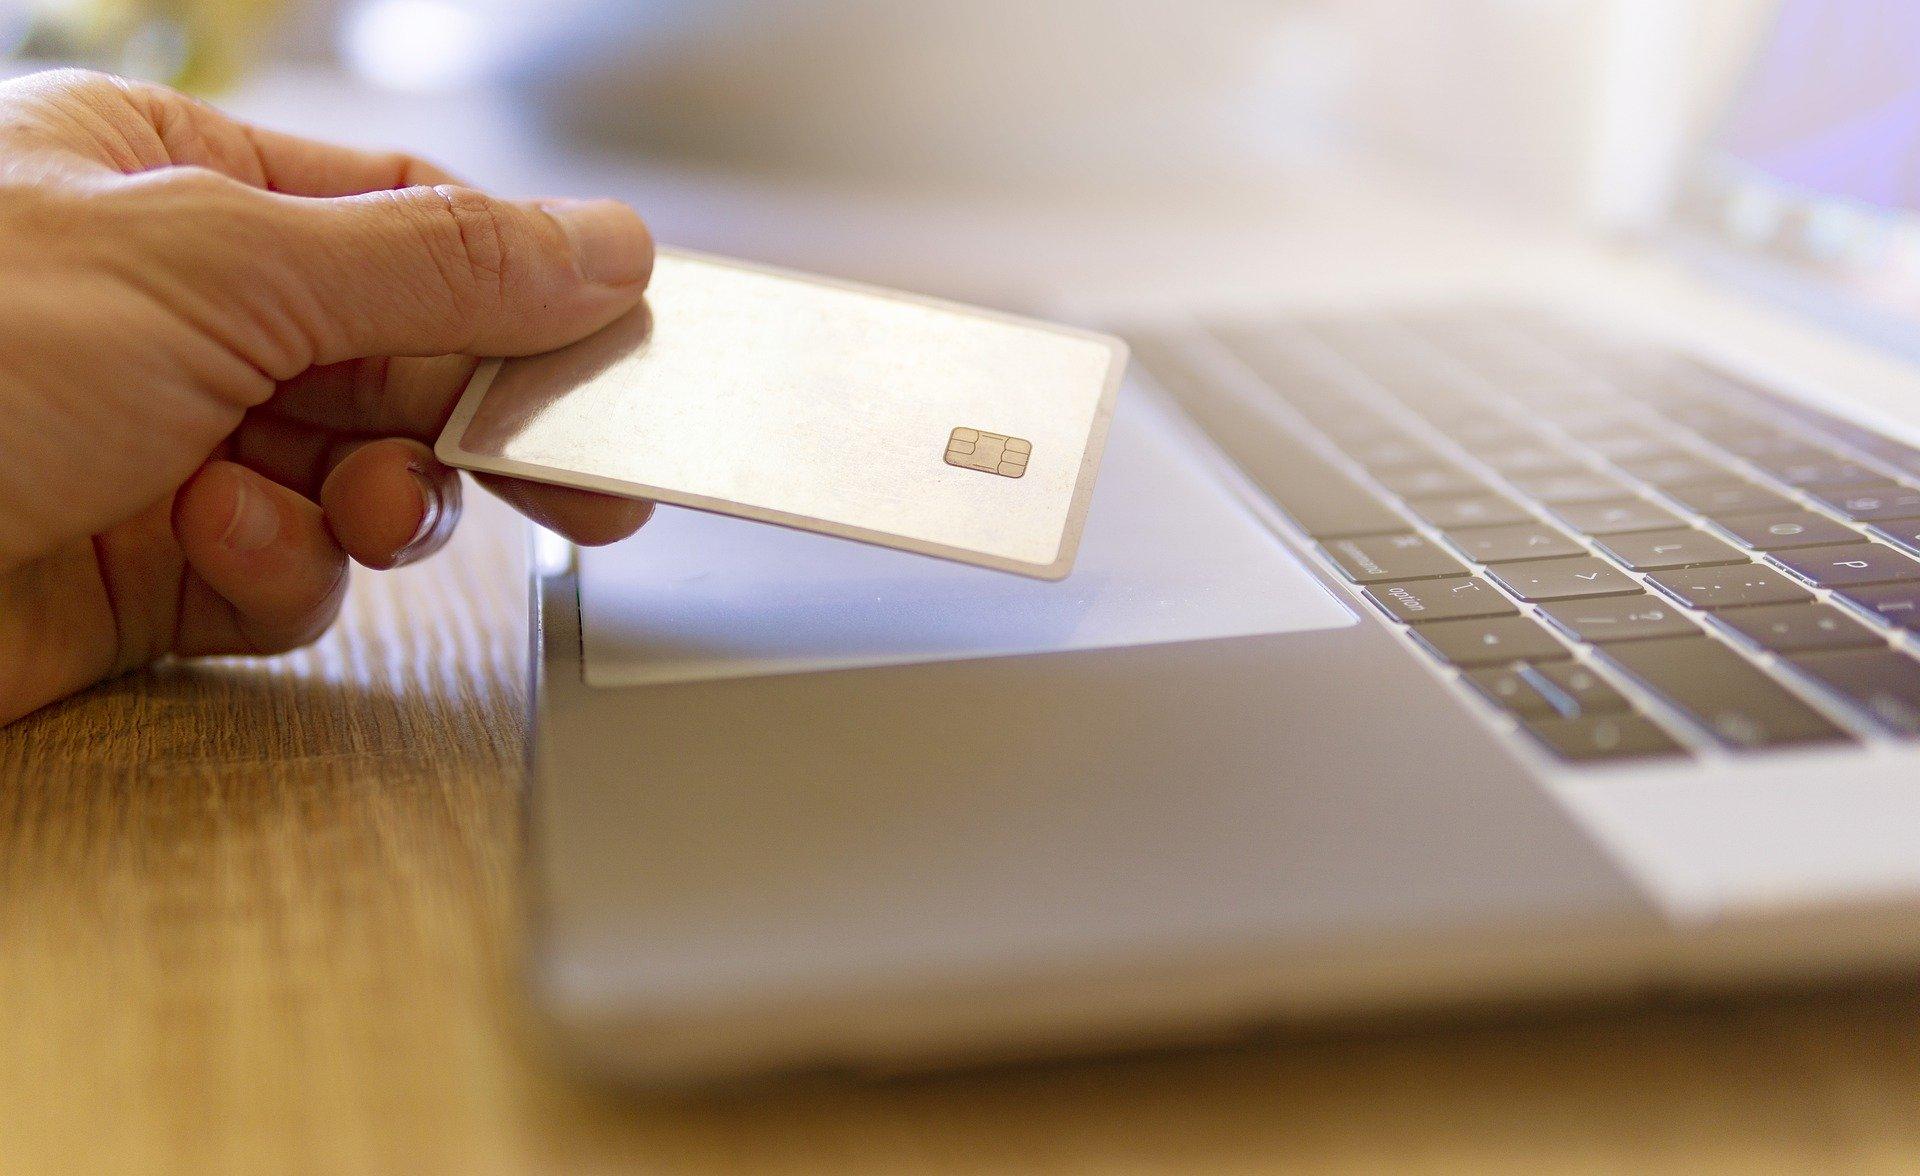 cyber monday 5463567 1920 ZAMOŚĆ: Kupiła przez Internet laptopa, dostała tylko... kopertę z gwarancją